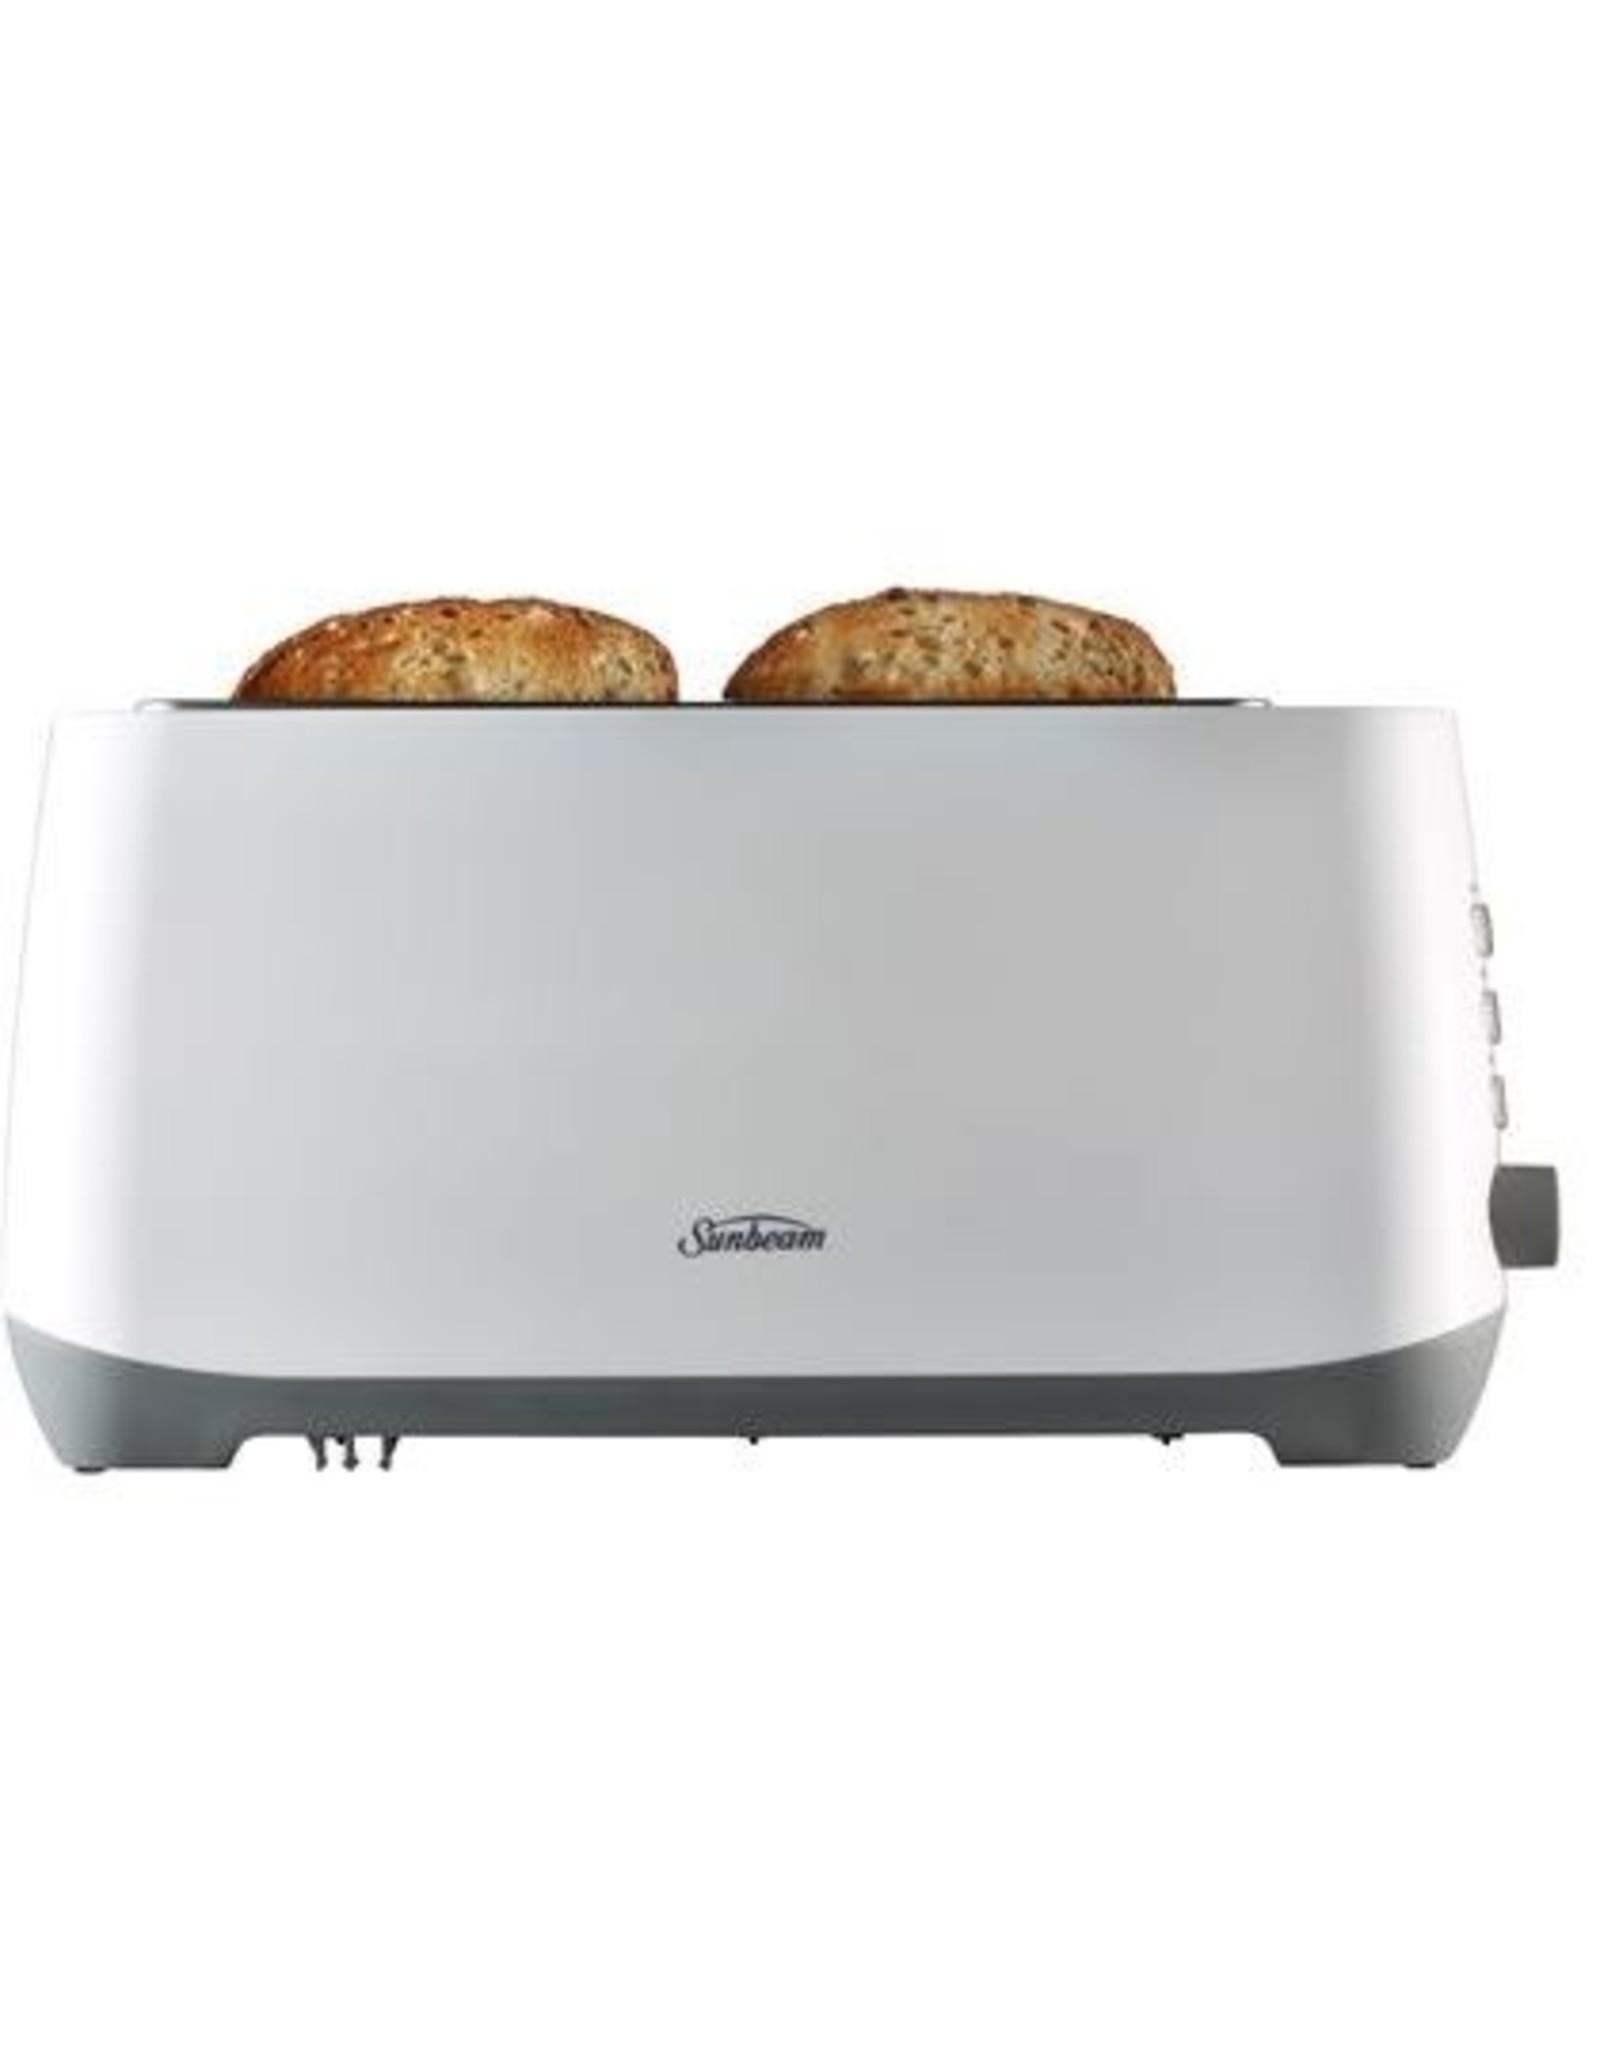 Sunbeam Quantum Plus 4 Slice Toaster